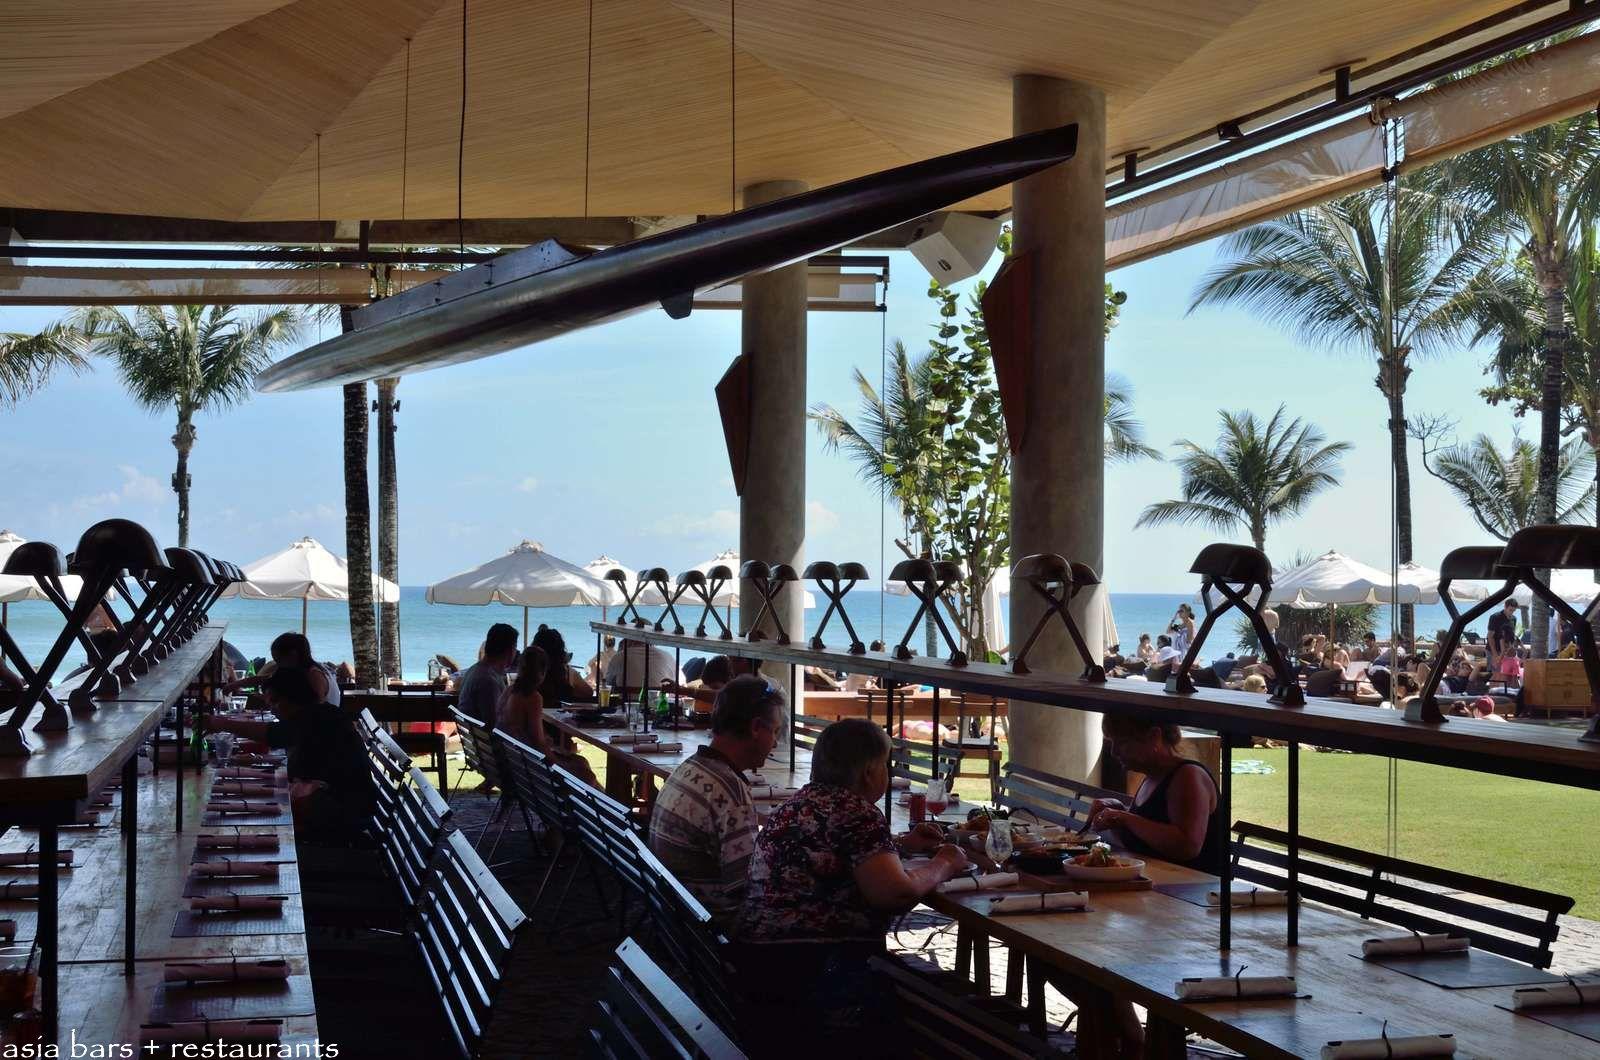 Lilin Asian Cuisine Restaurant At Potato Head Beach Club